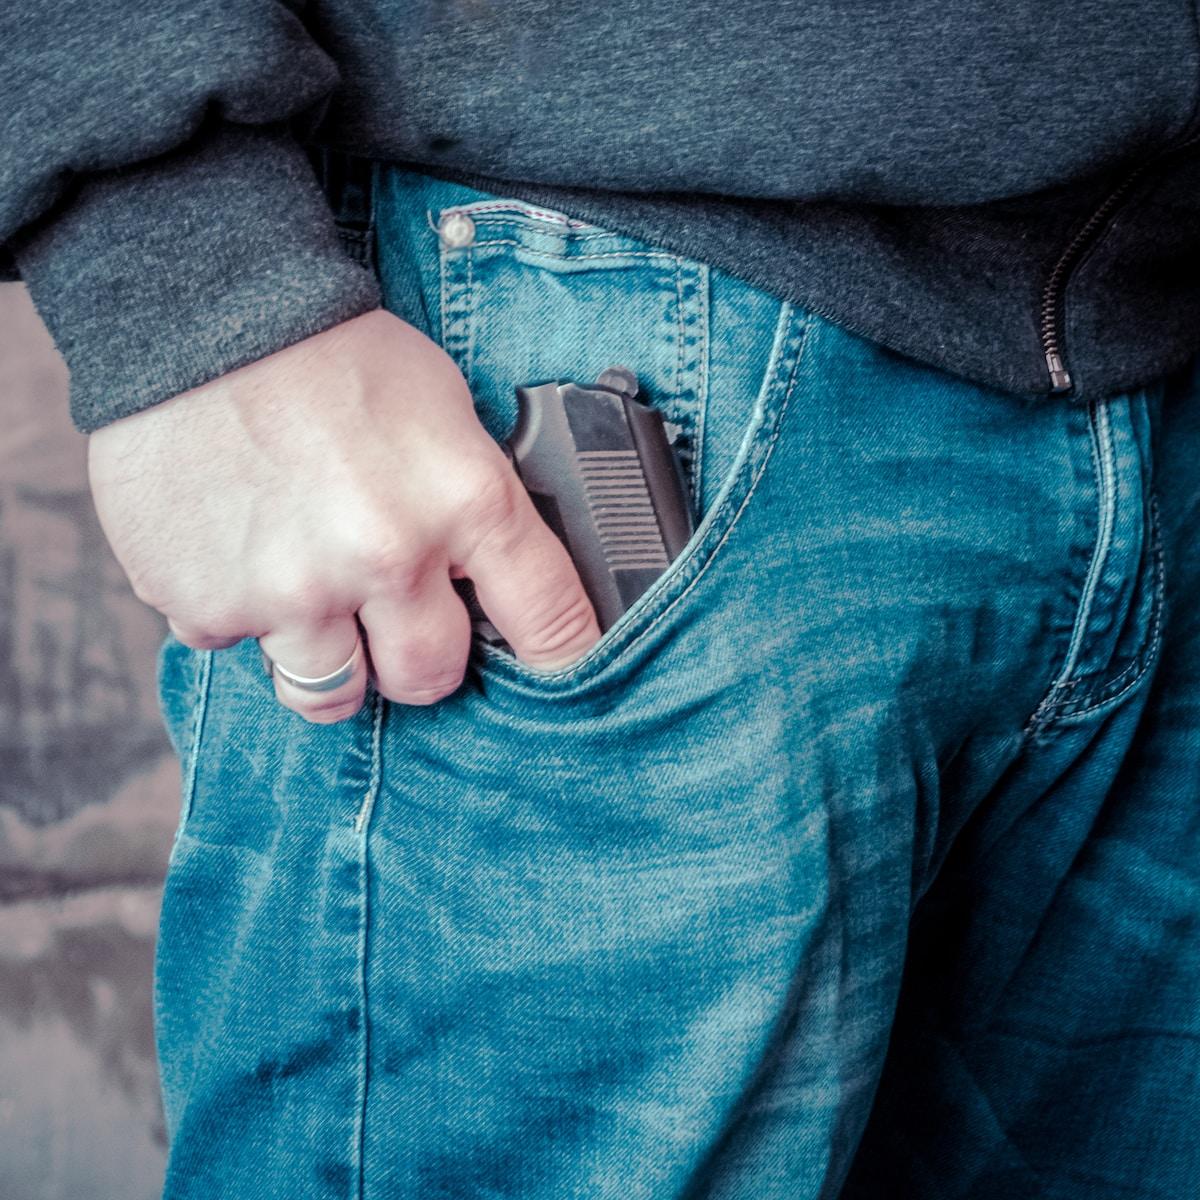 asesinato, ADN, person in blue denim jeans holding black semi automatic pistol